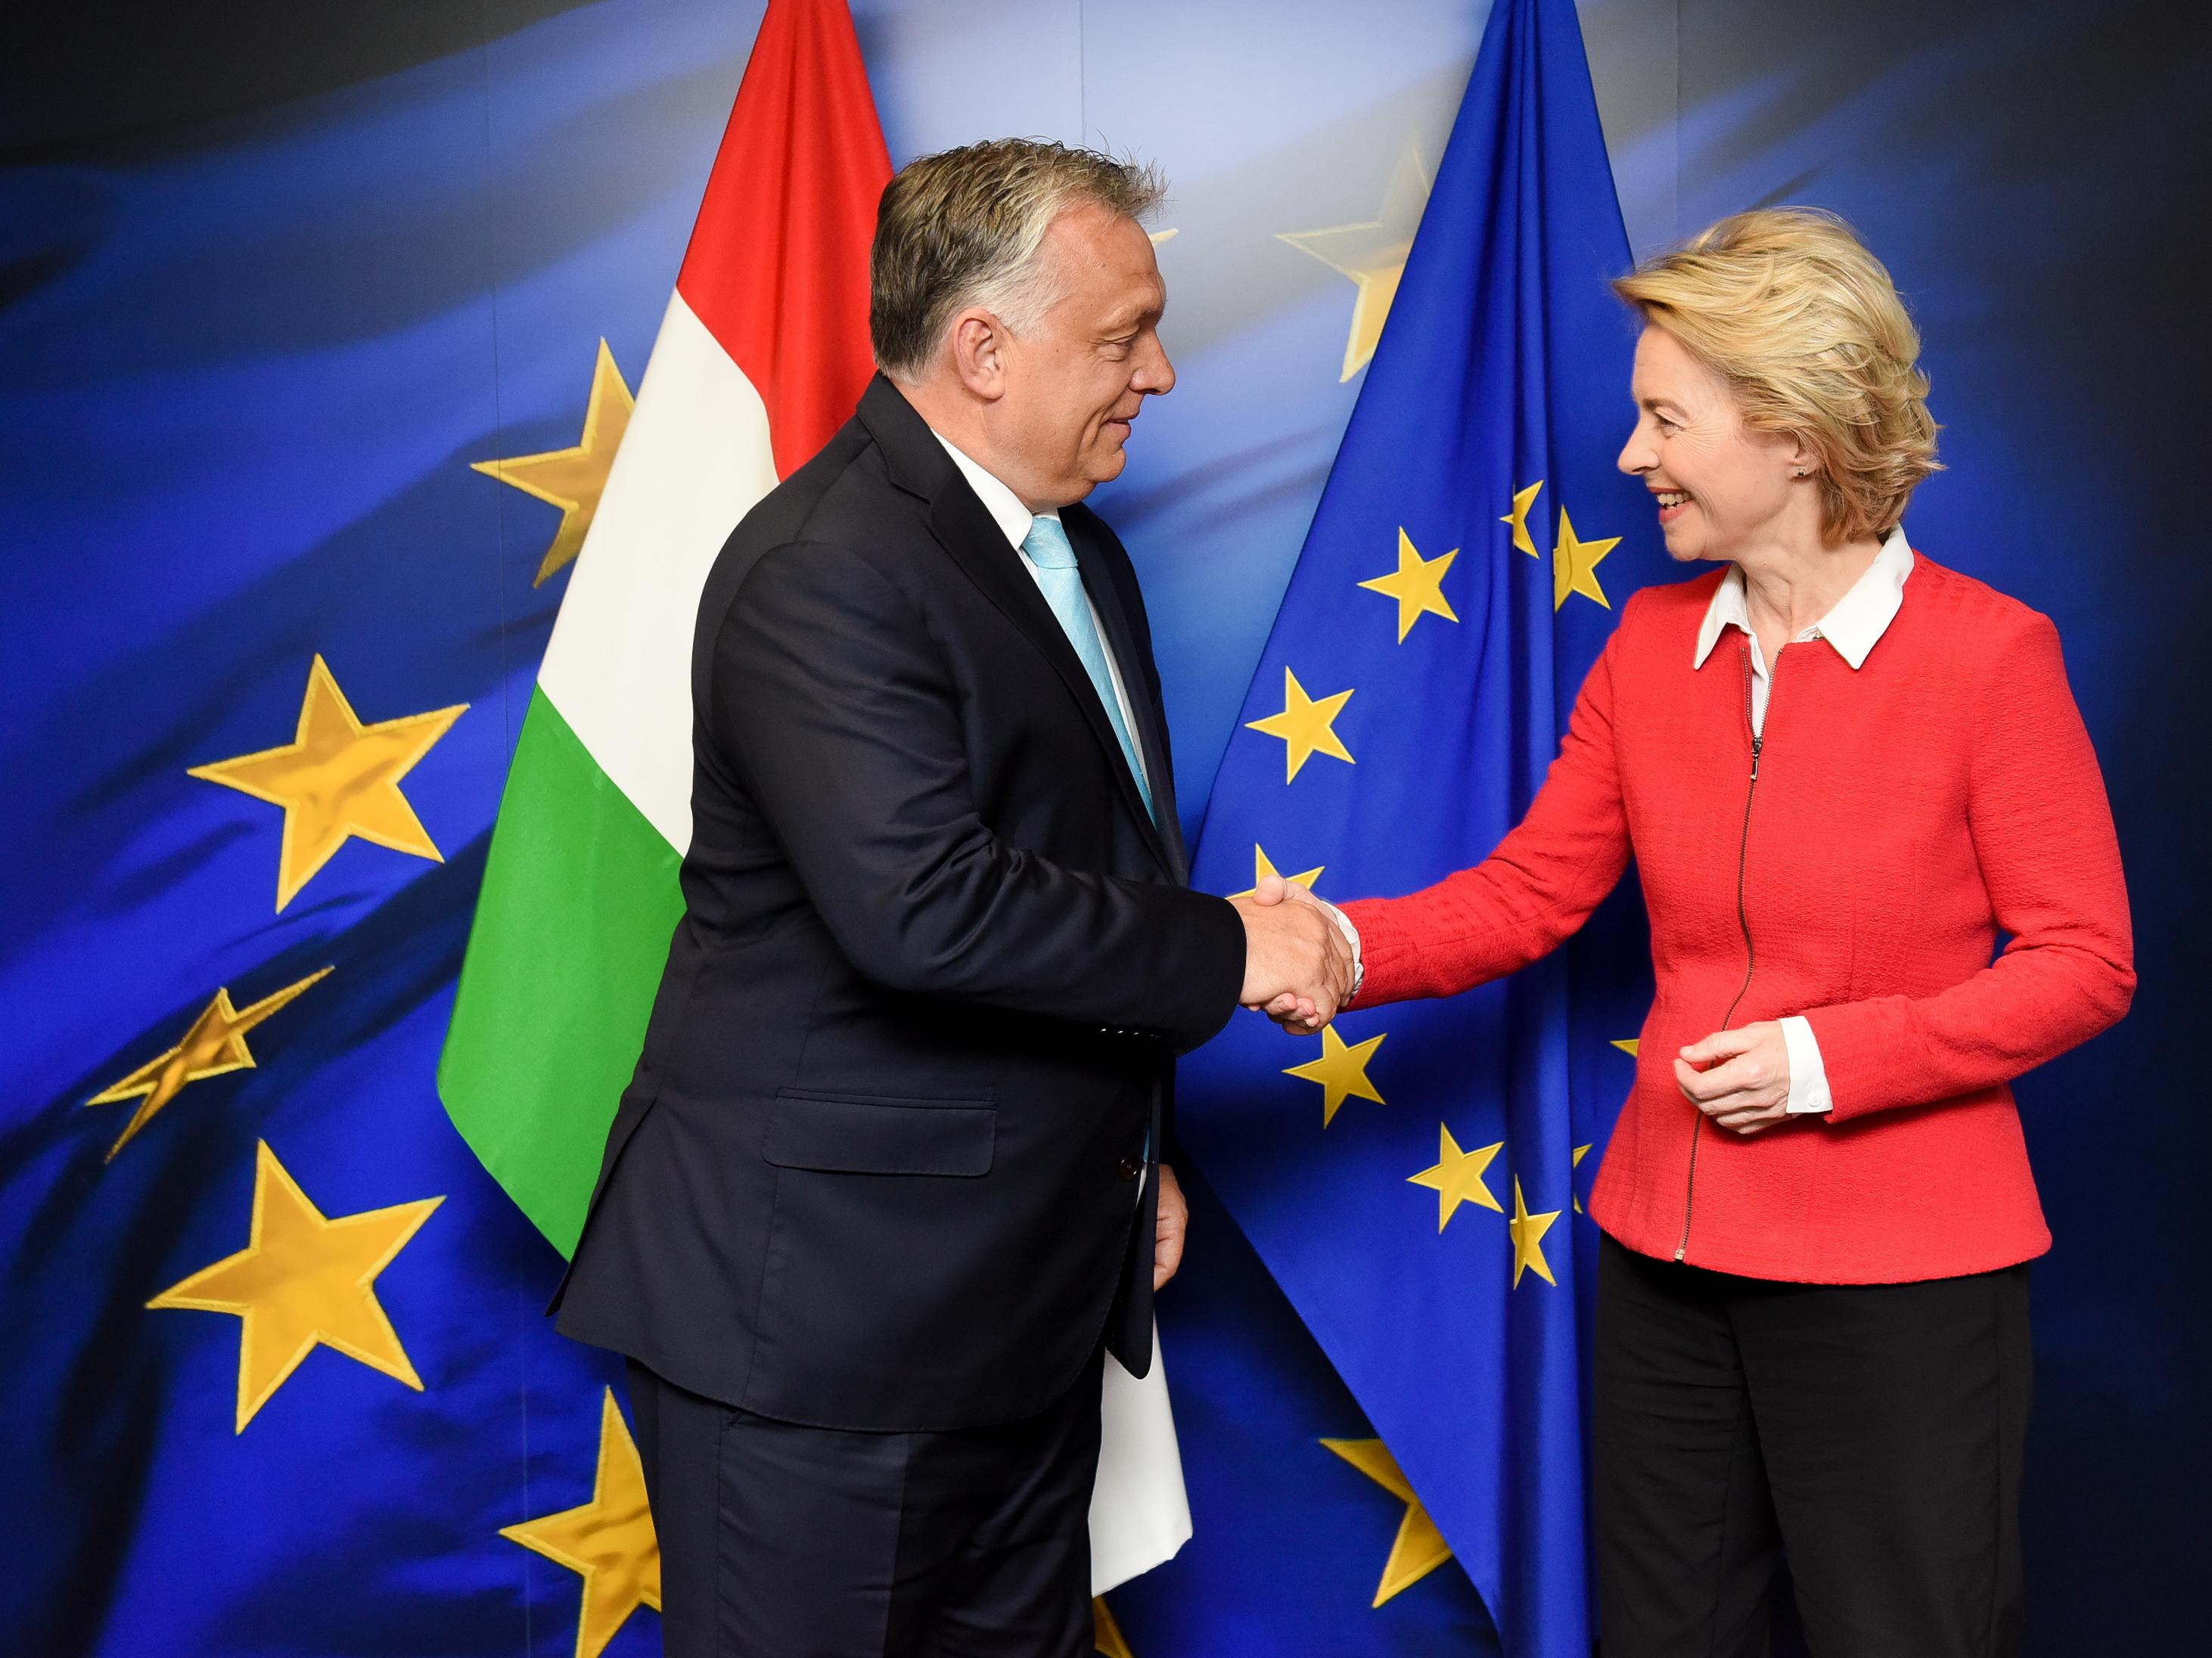 Problematyka stosunków Węgier z Unią Europejską